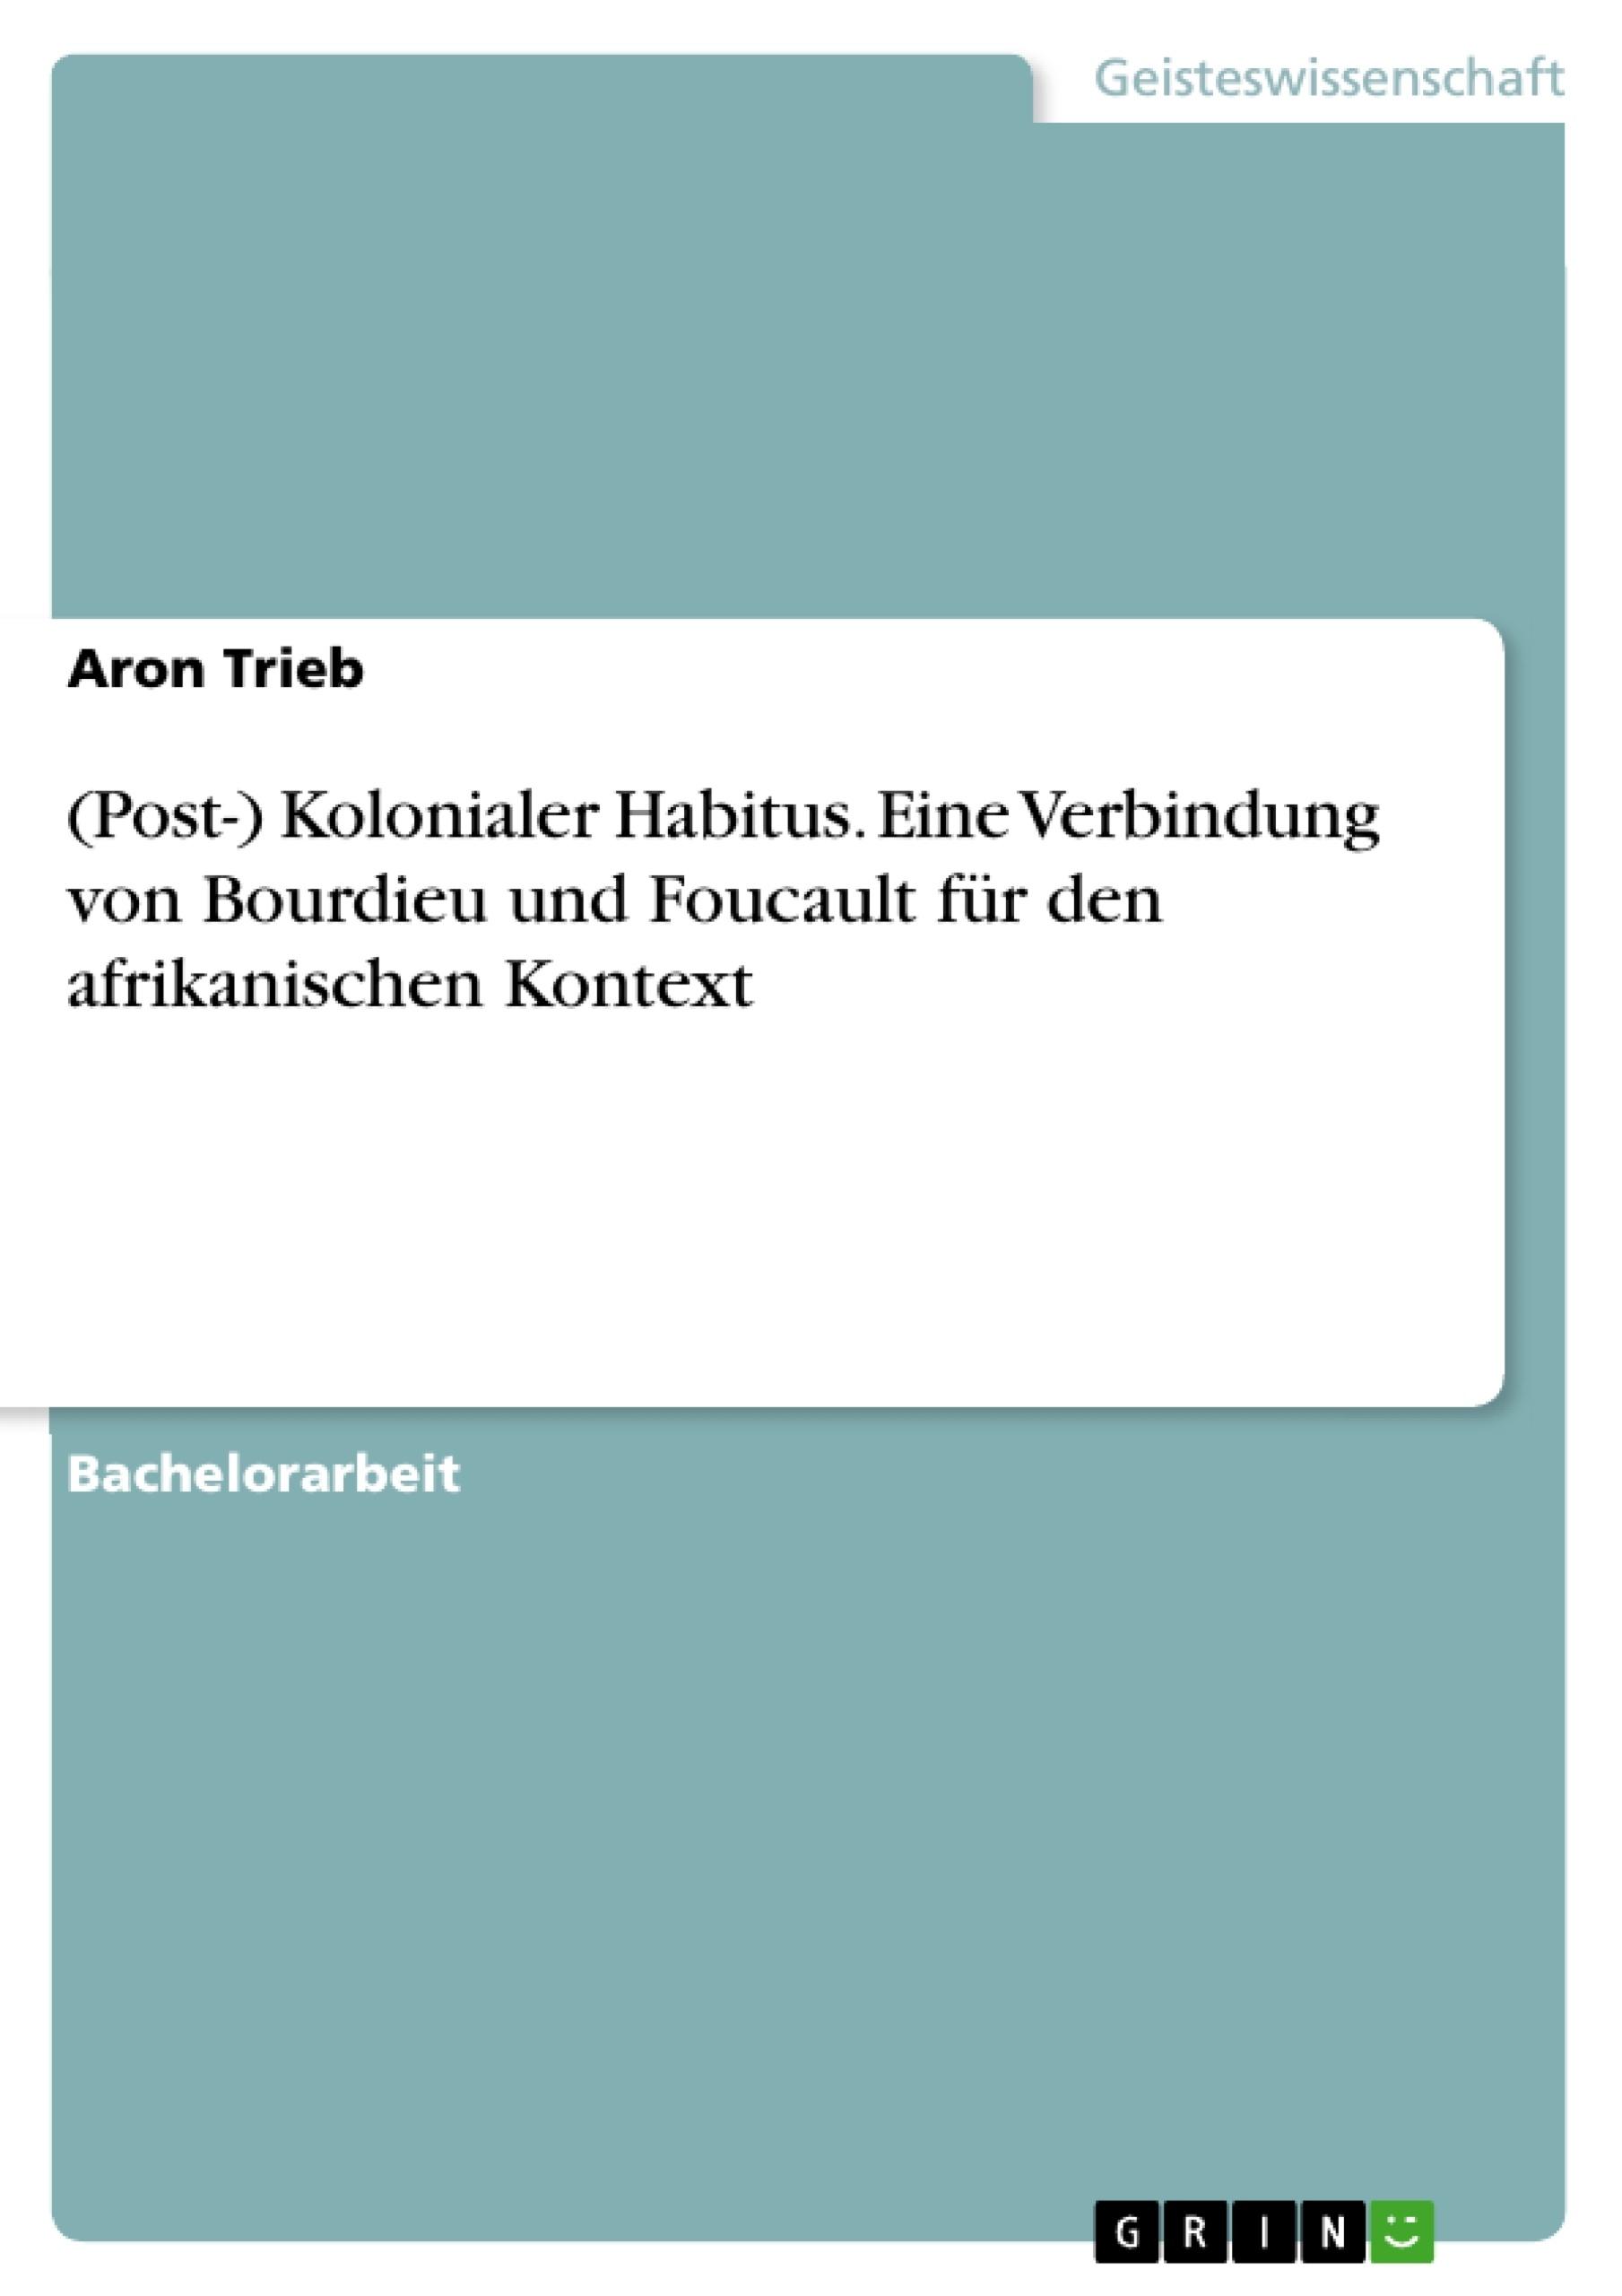 Titel: (Post-) Kolonialer Habitus. Eine Verbindung von Bourdieu und Foucault für den afrikanischen Kontext